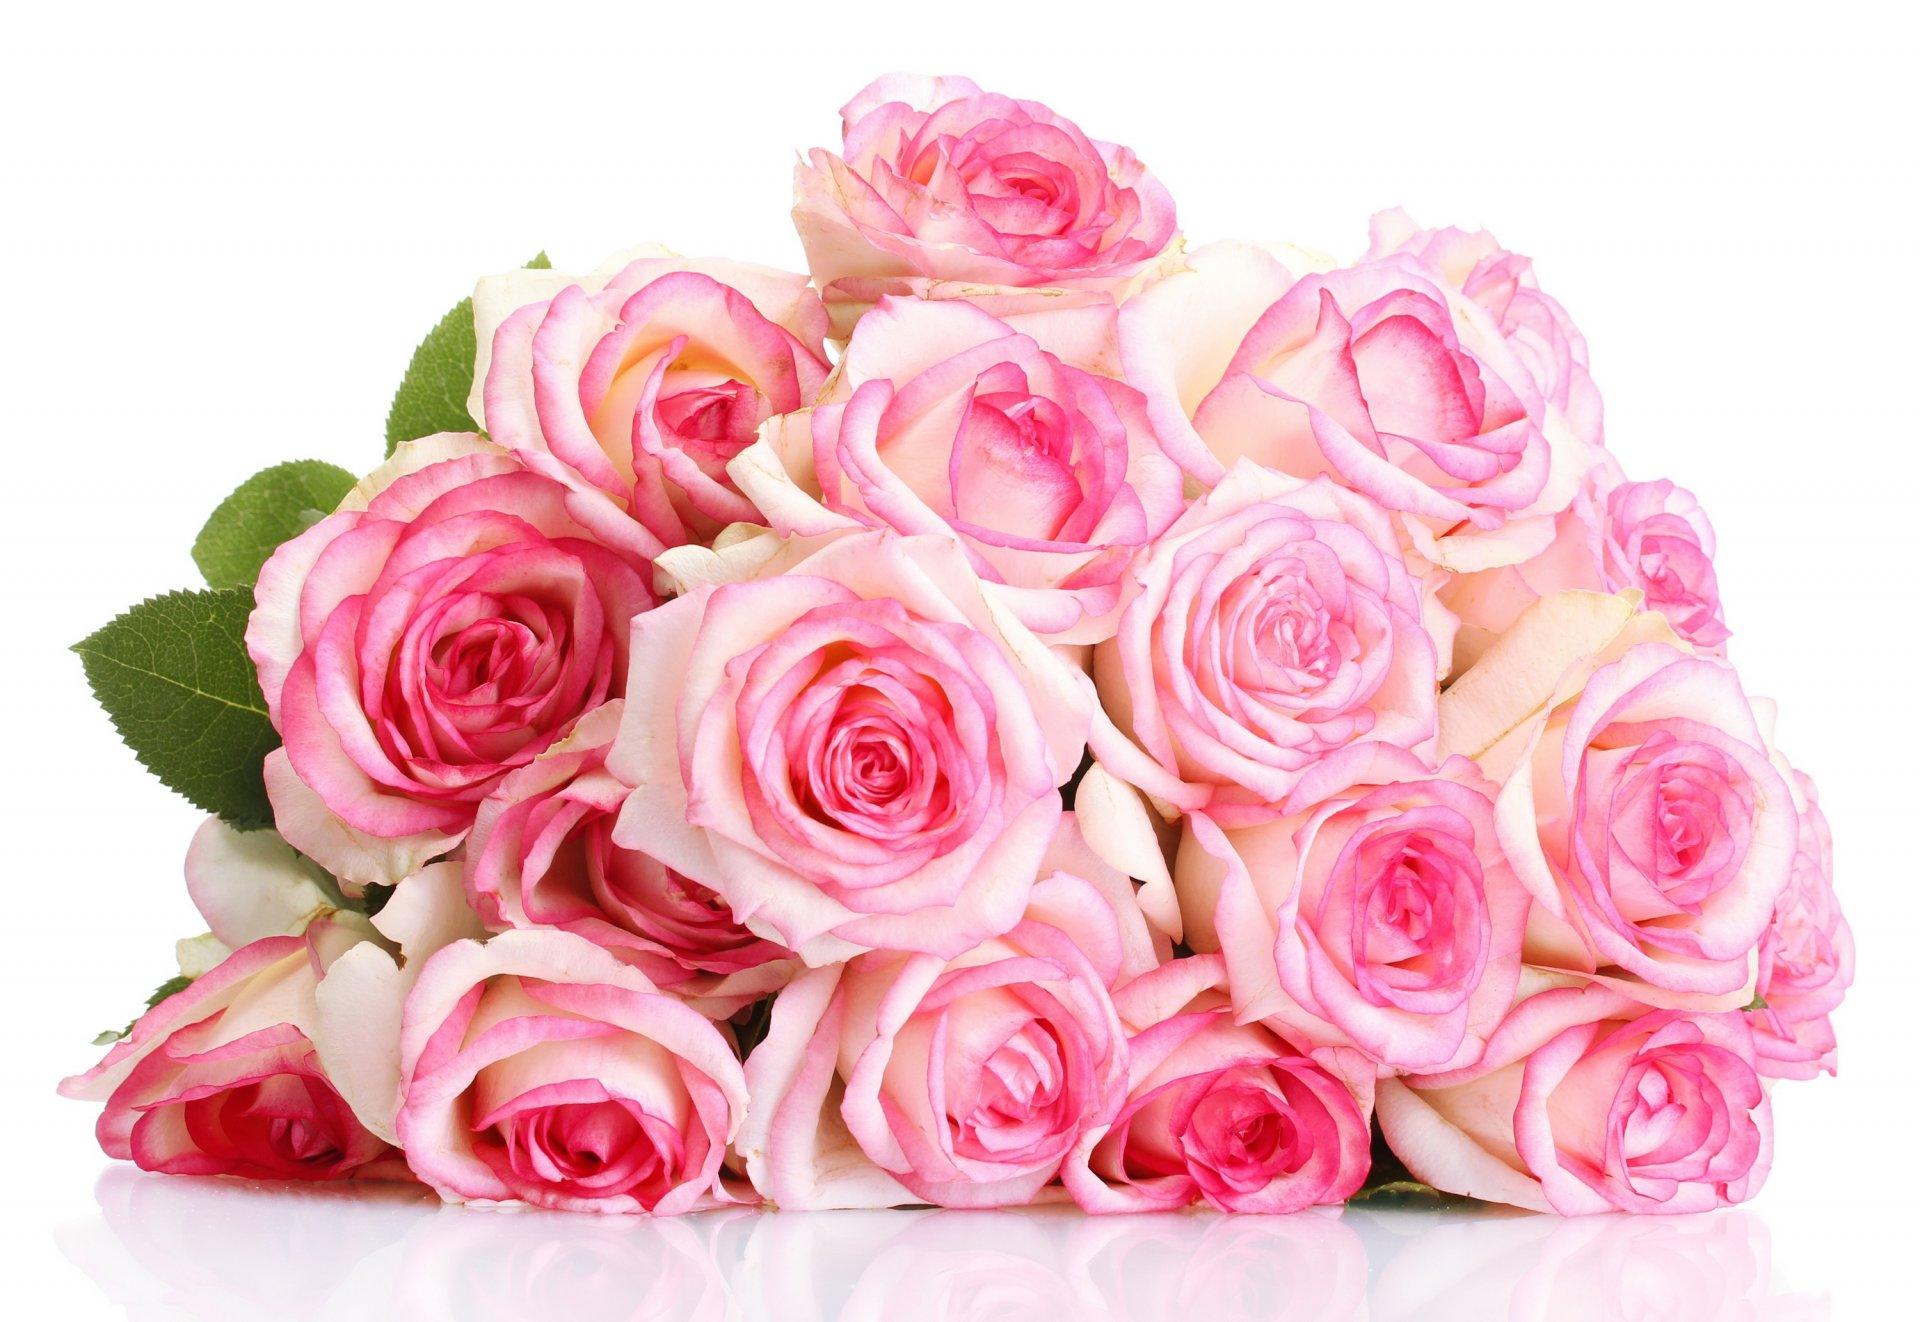 Изонити, открытки с днем рождения розы на белом фоне